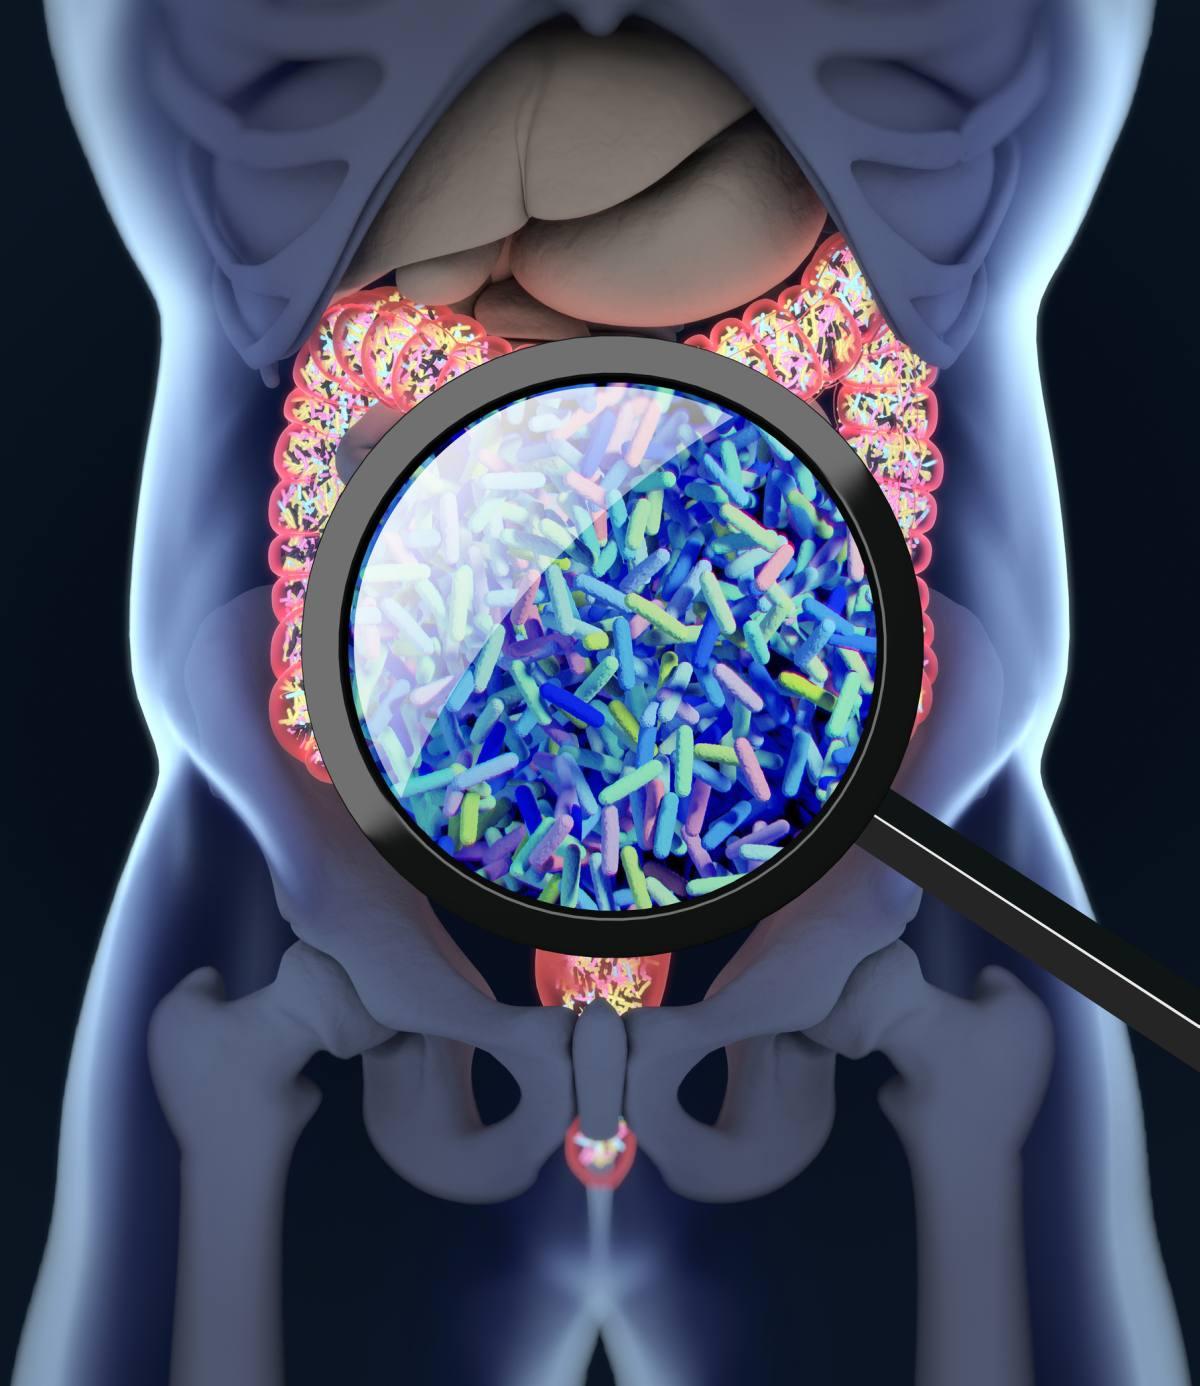 Darmflora kann chronische Entzündungen hervorrufen